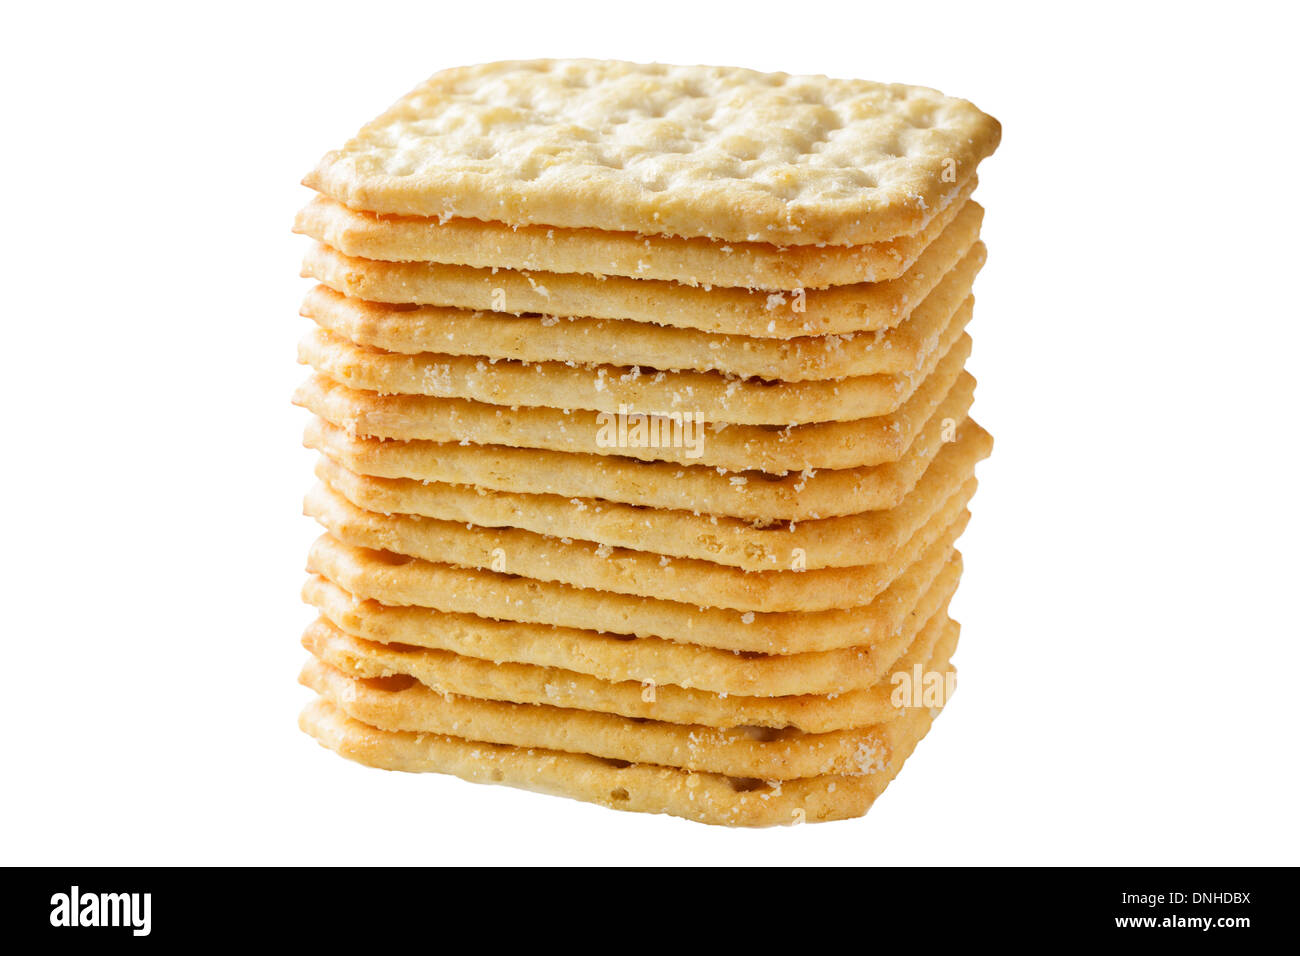 Julies biscuit background